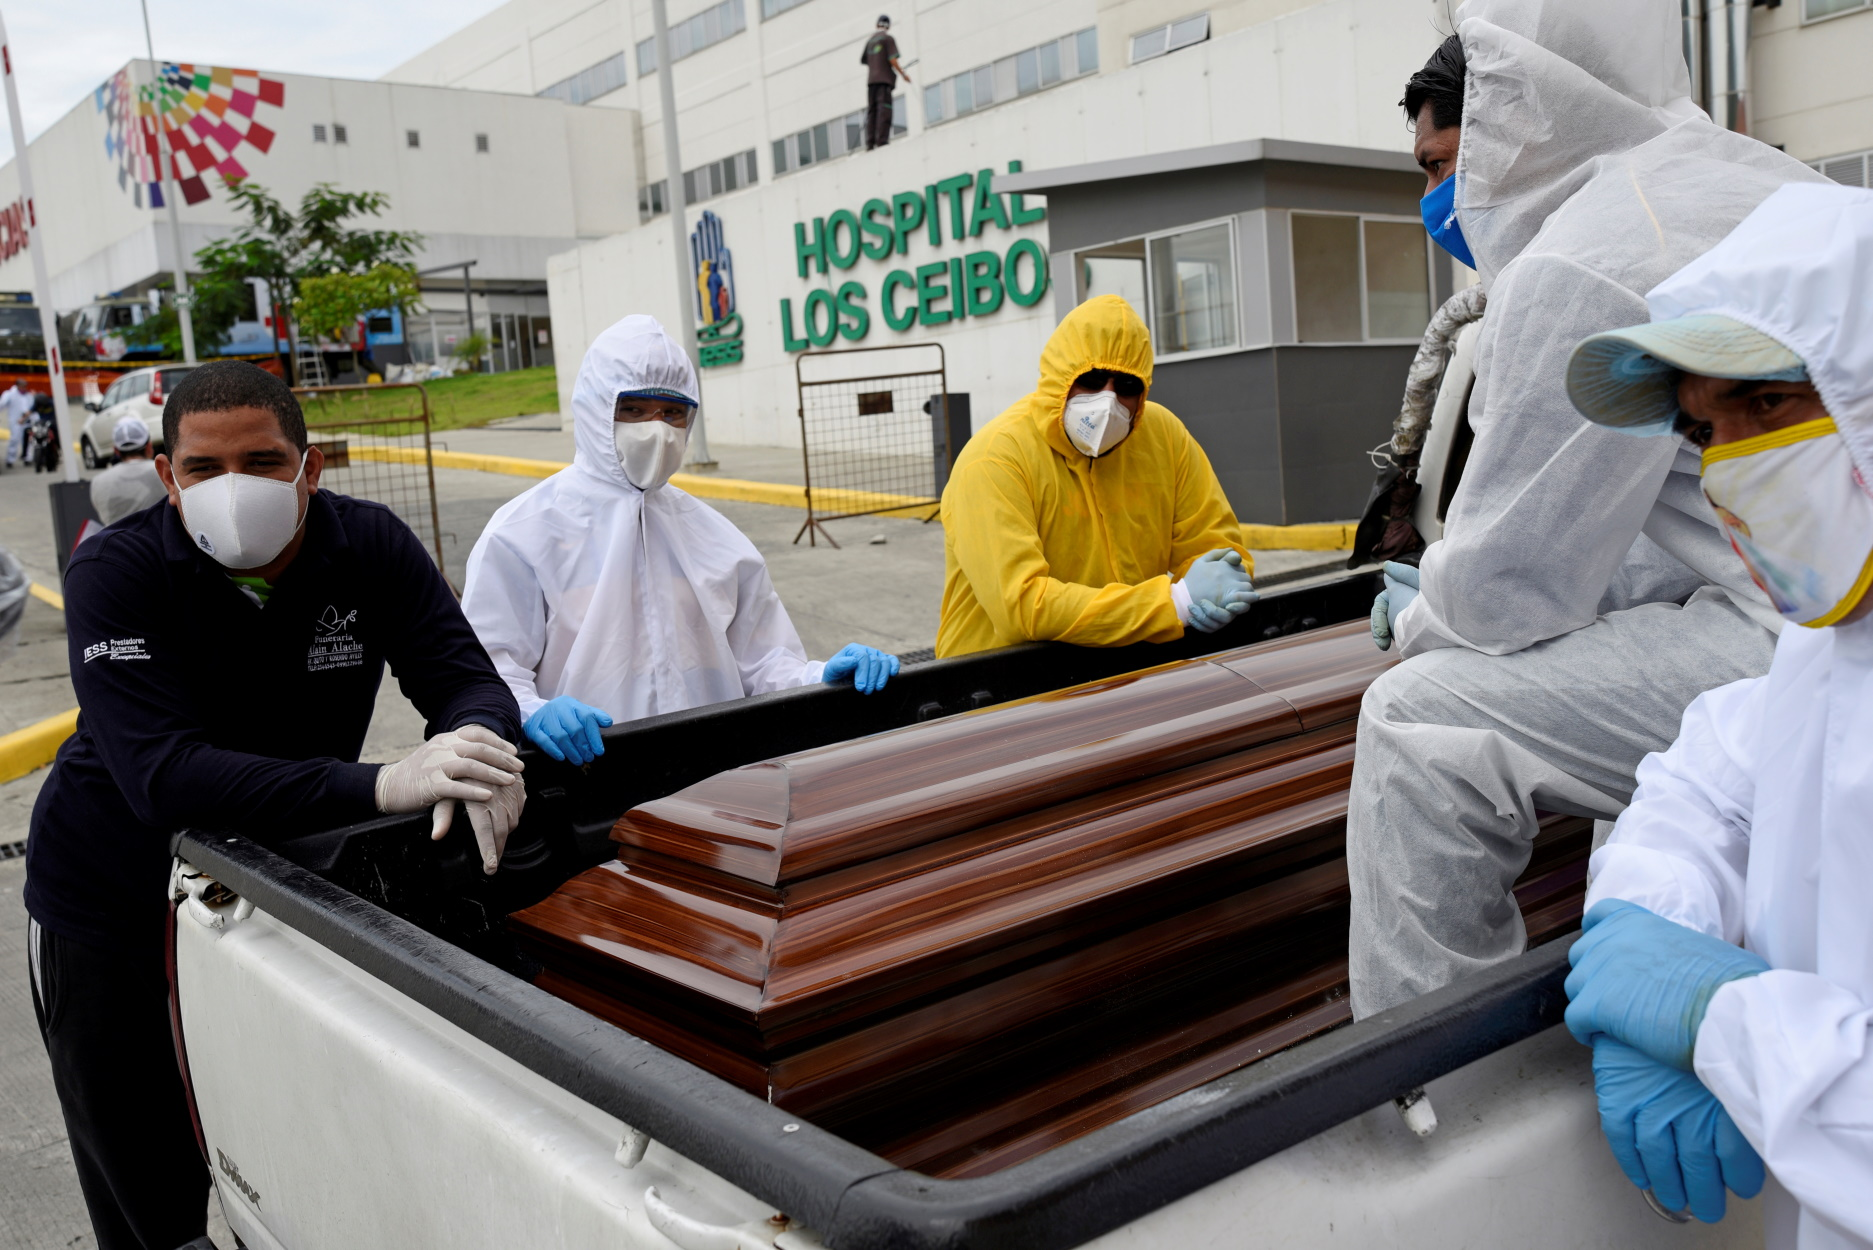 Ξεπέρασαν τις 9.000 οι νεκροί στον Ισημερινό